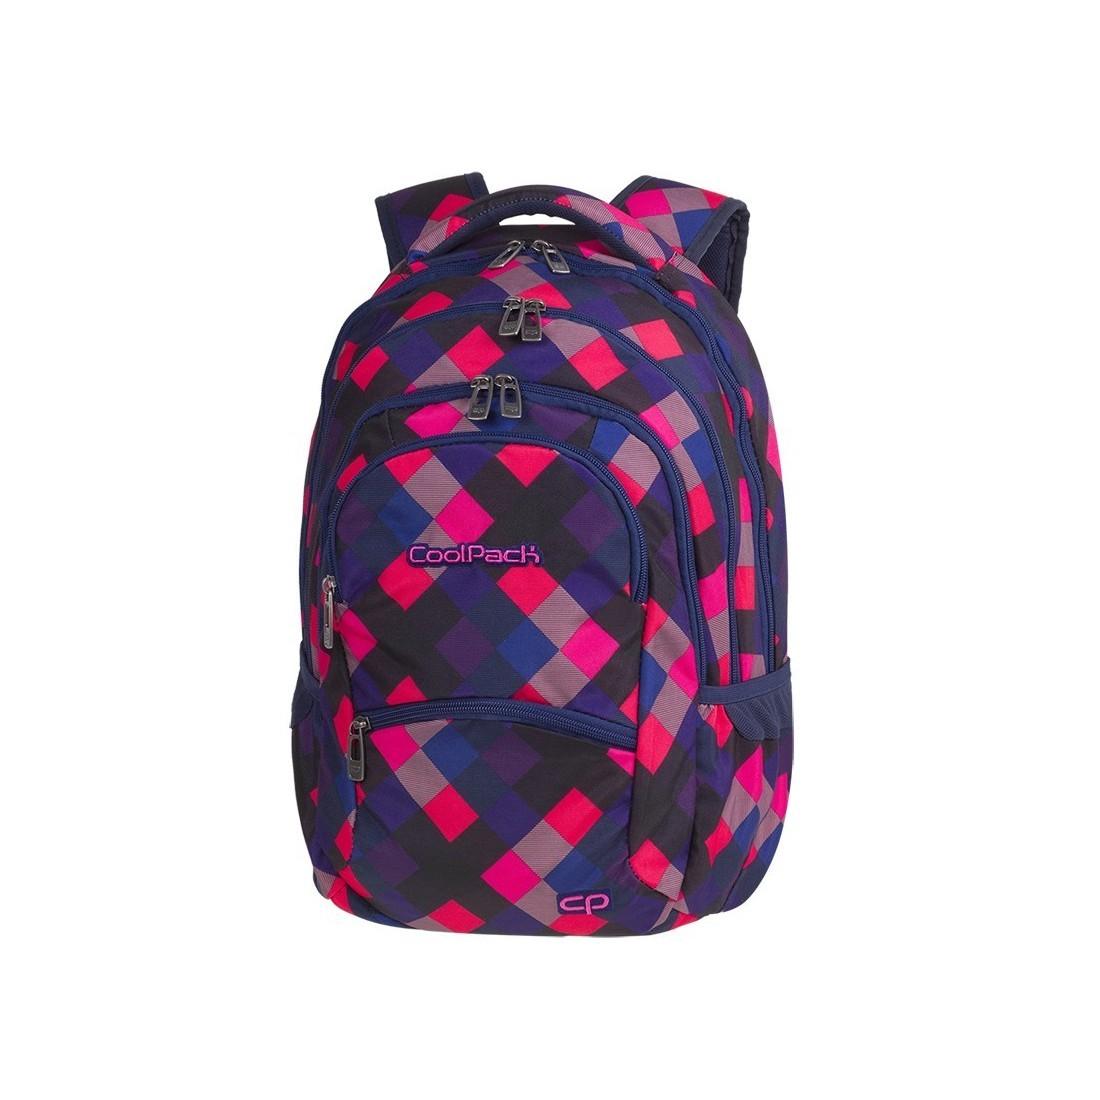 2279bba7c420a Plecak młodzieżowy CoolPack CP COLLEGE ELECTRIC PINK w różowo-niebieskie  kwadraty super modny wzór -